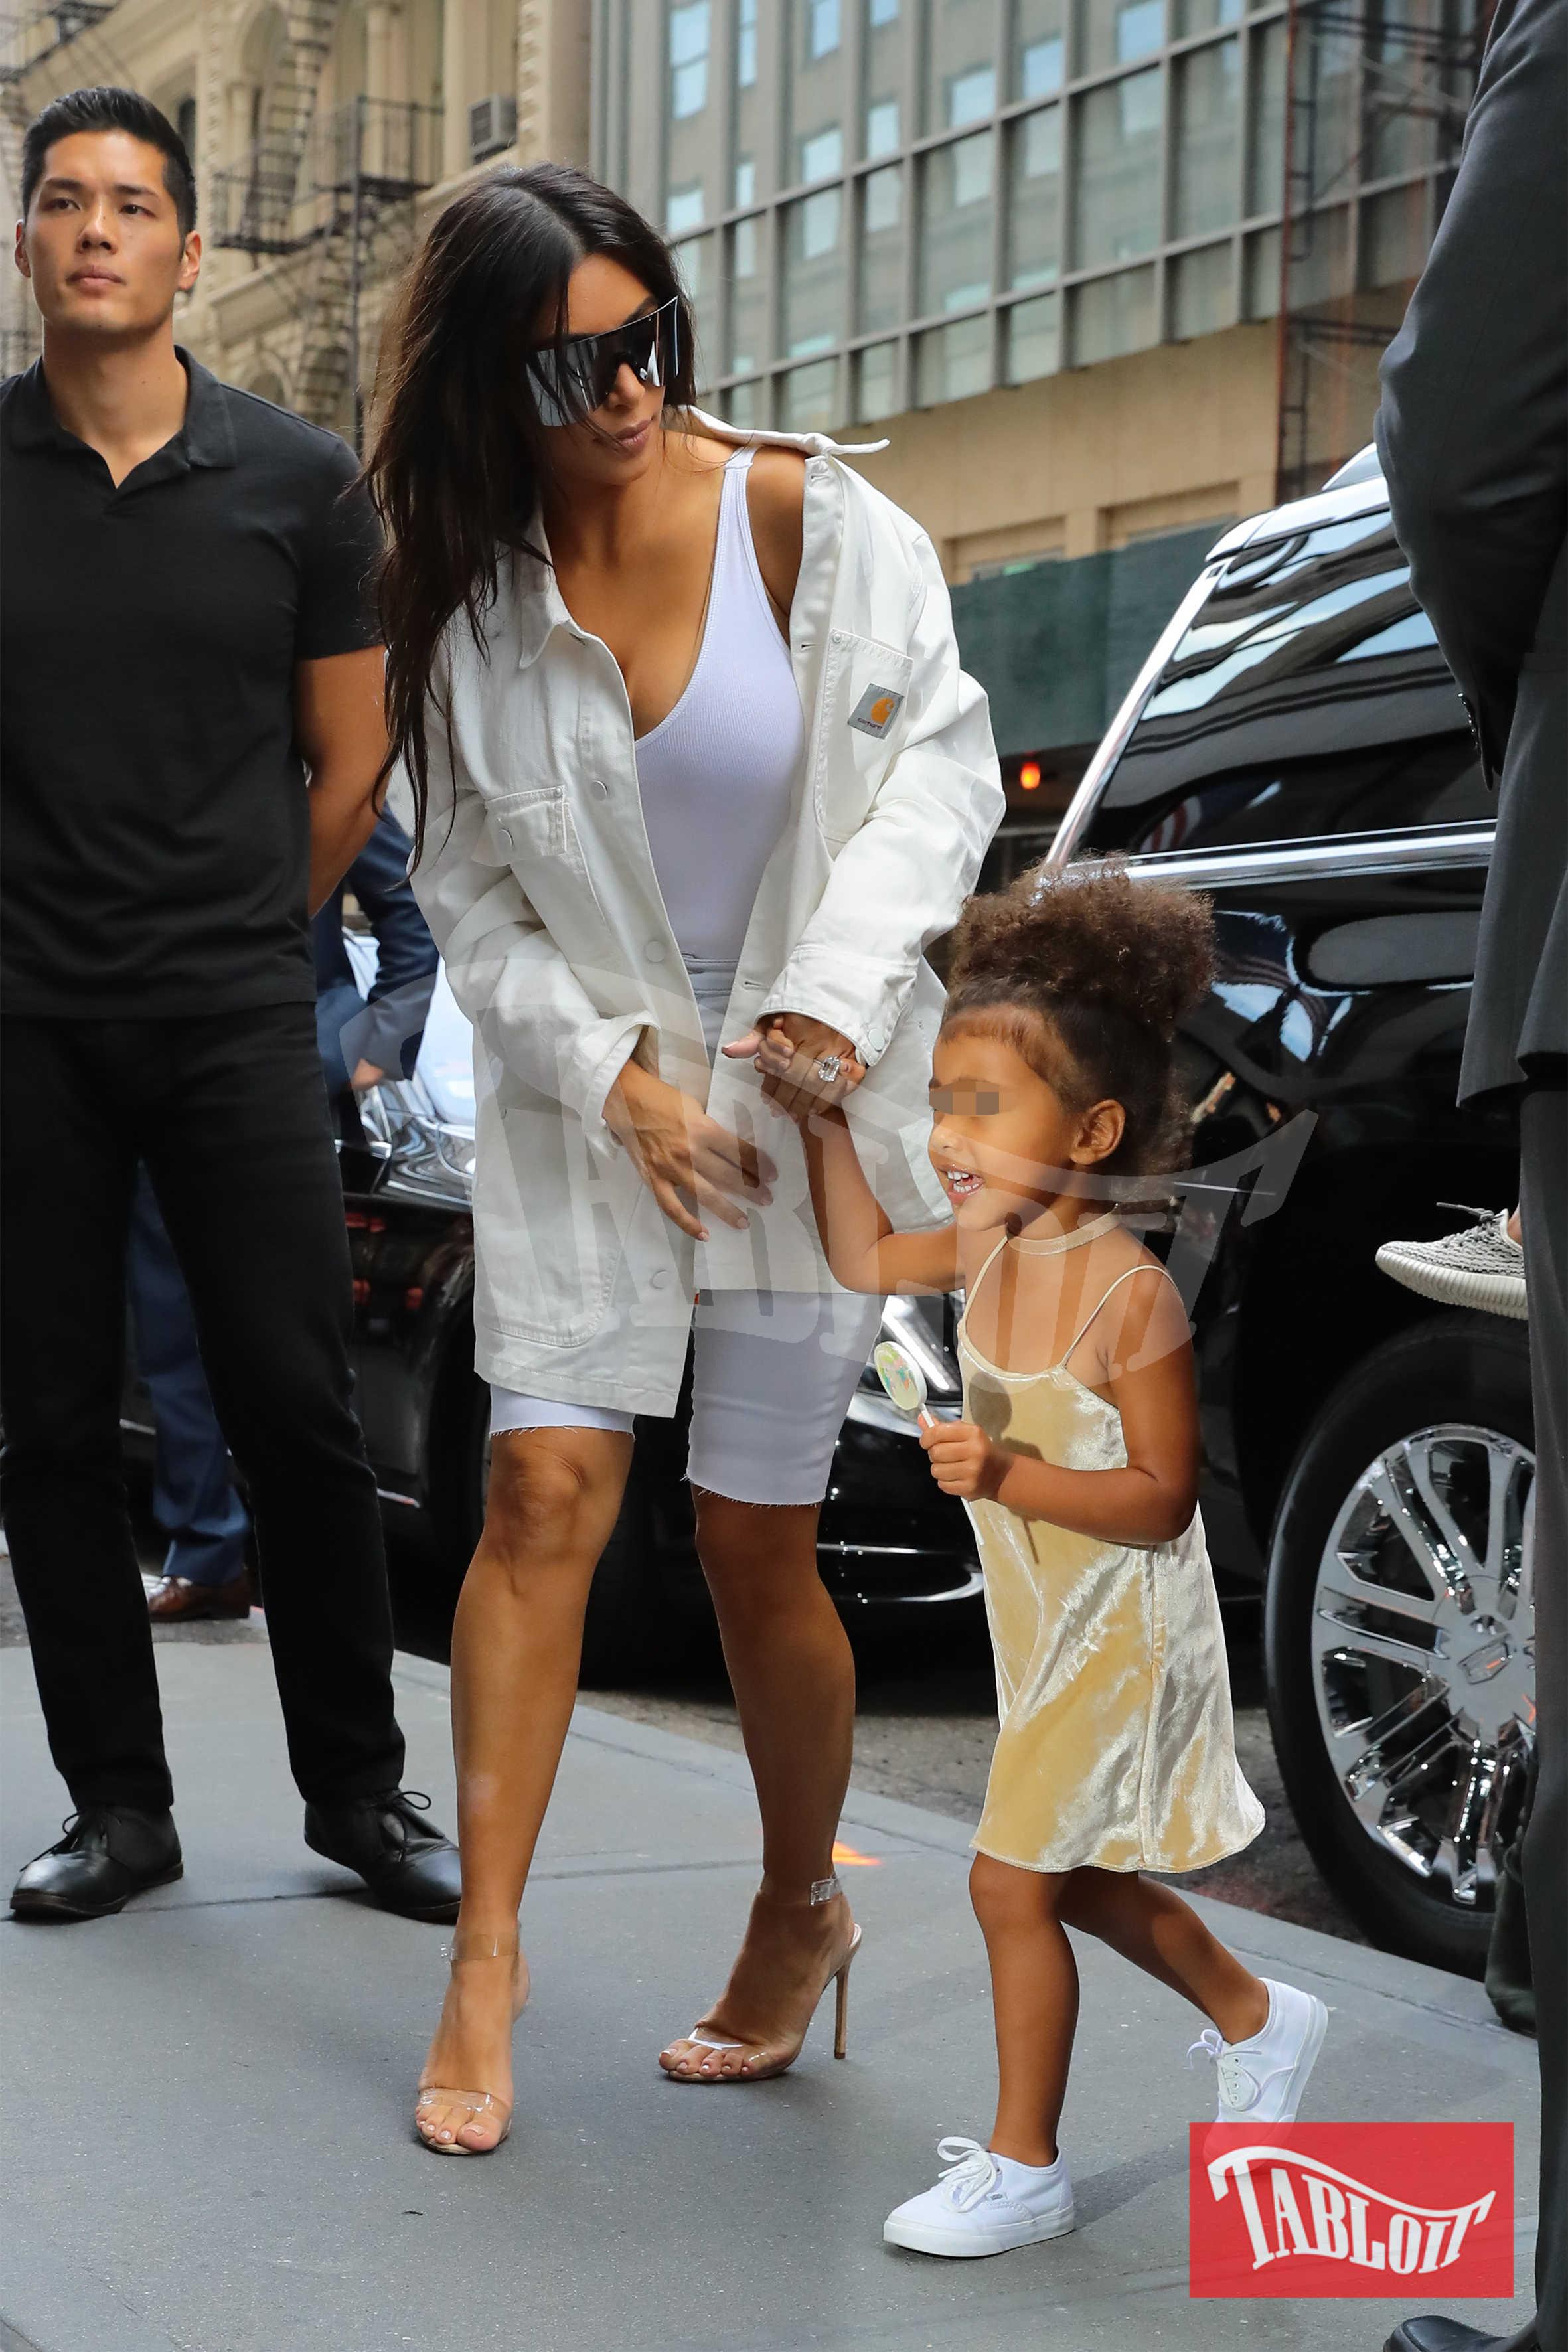 Non solo Kim: il 2018 in casa Kardashian- Jenner sarà pieno di cicogne. La sorella Khloe Kardashian aspetta il primo figlio dal cestista Tristan Thompson mentre Kylie Jenner, 20 anni, diventerà madre per la prima volta. Il papà è il rapper Travis Scott